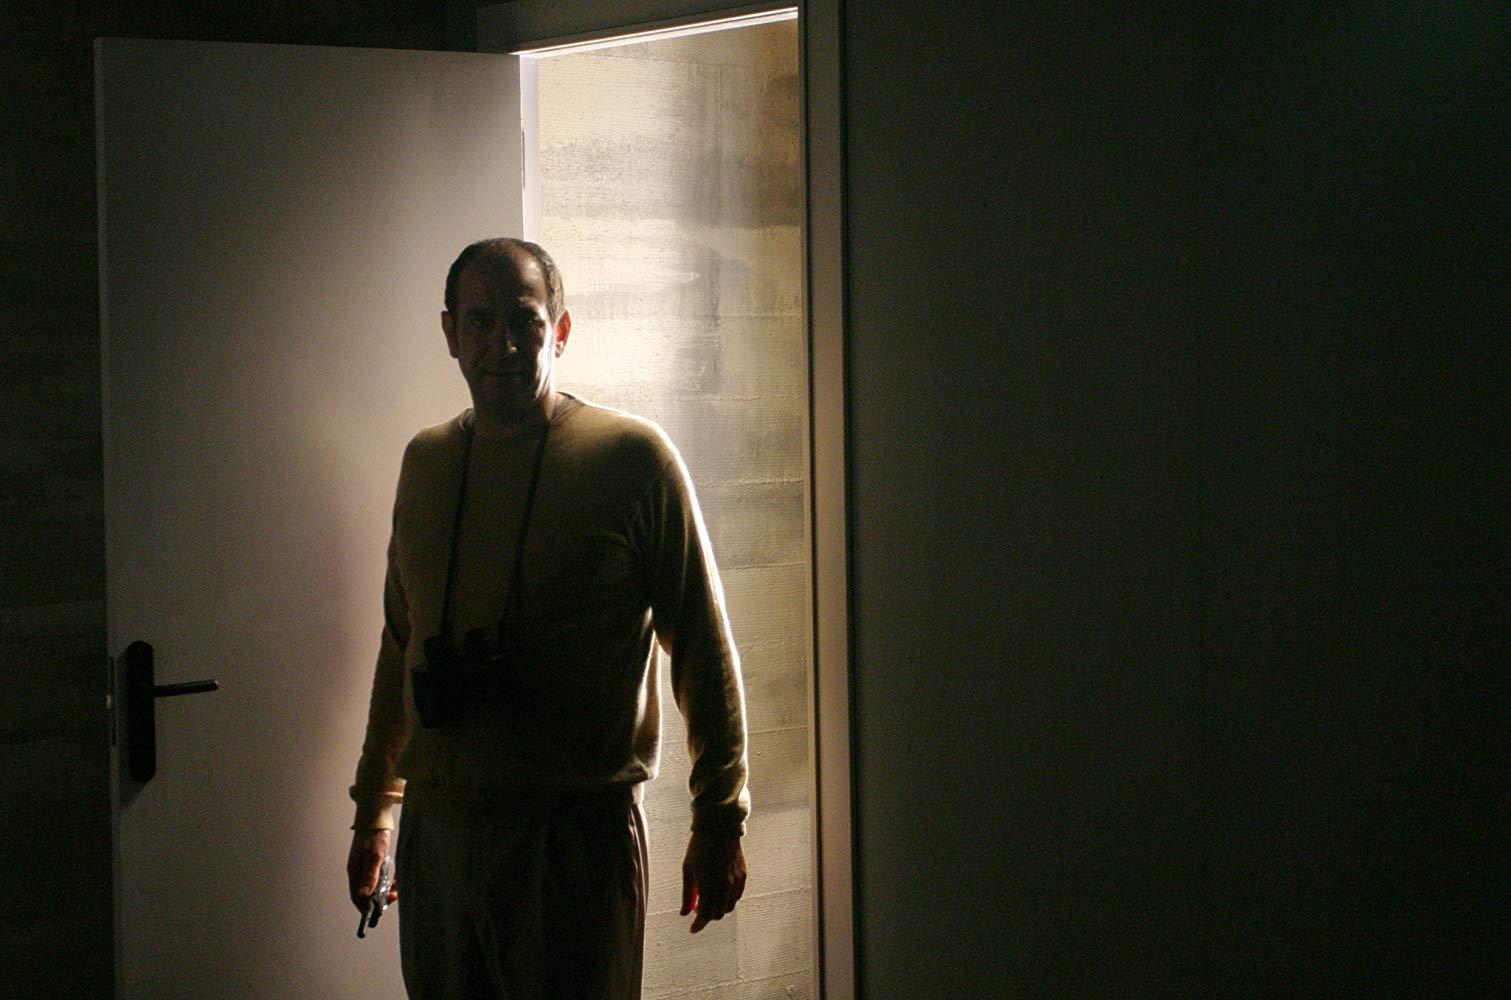 مشاهدة فيلم Timecrimes 2007 HD مترجم كامل اون لاين